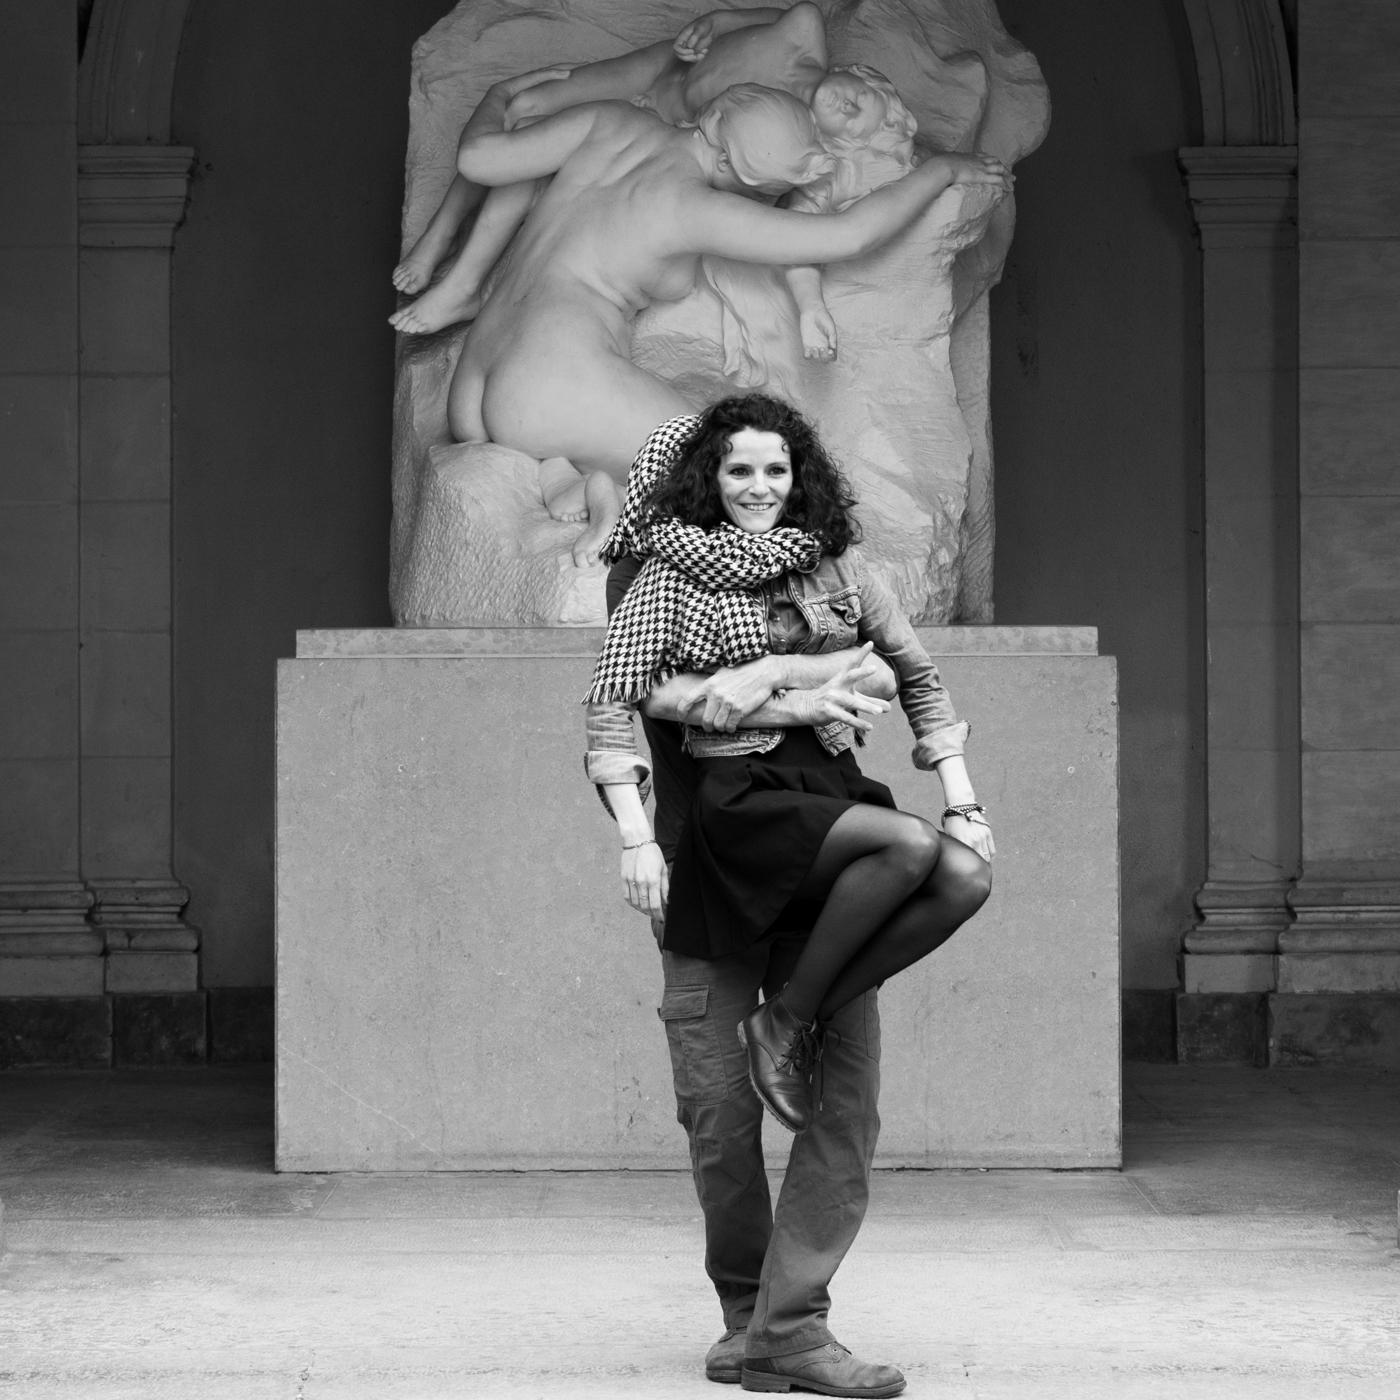 Musée_Lyon_2016_-_Autoportrait_en_pied_de_poule